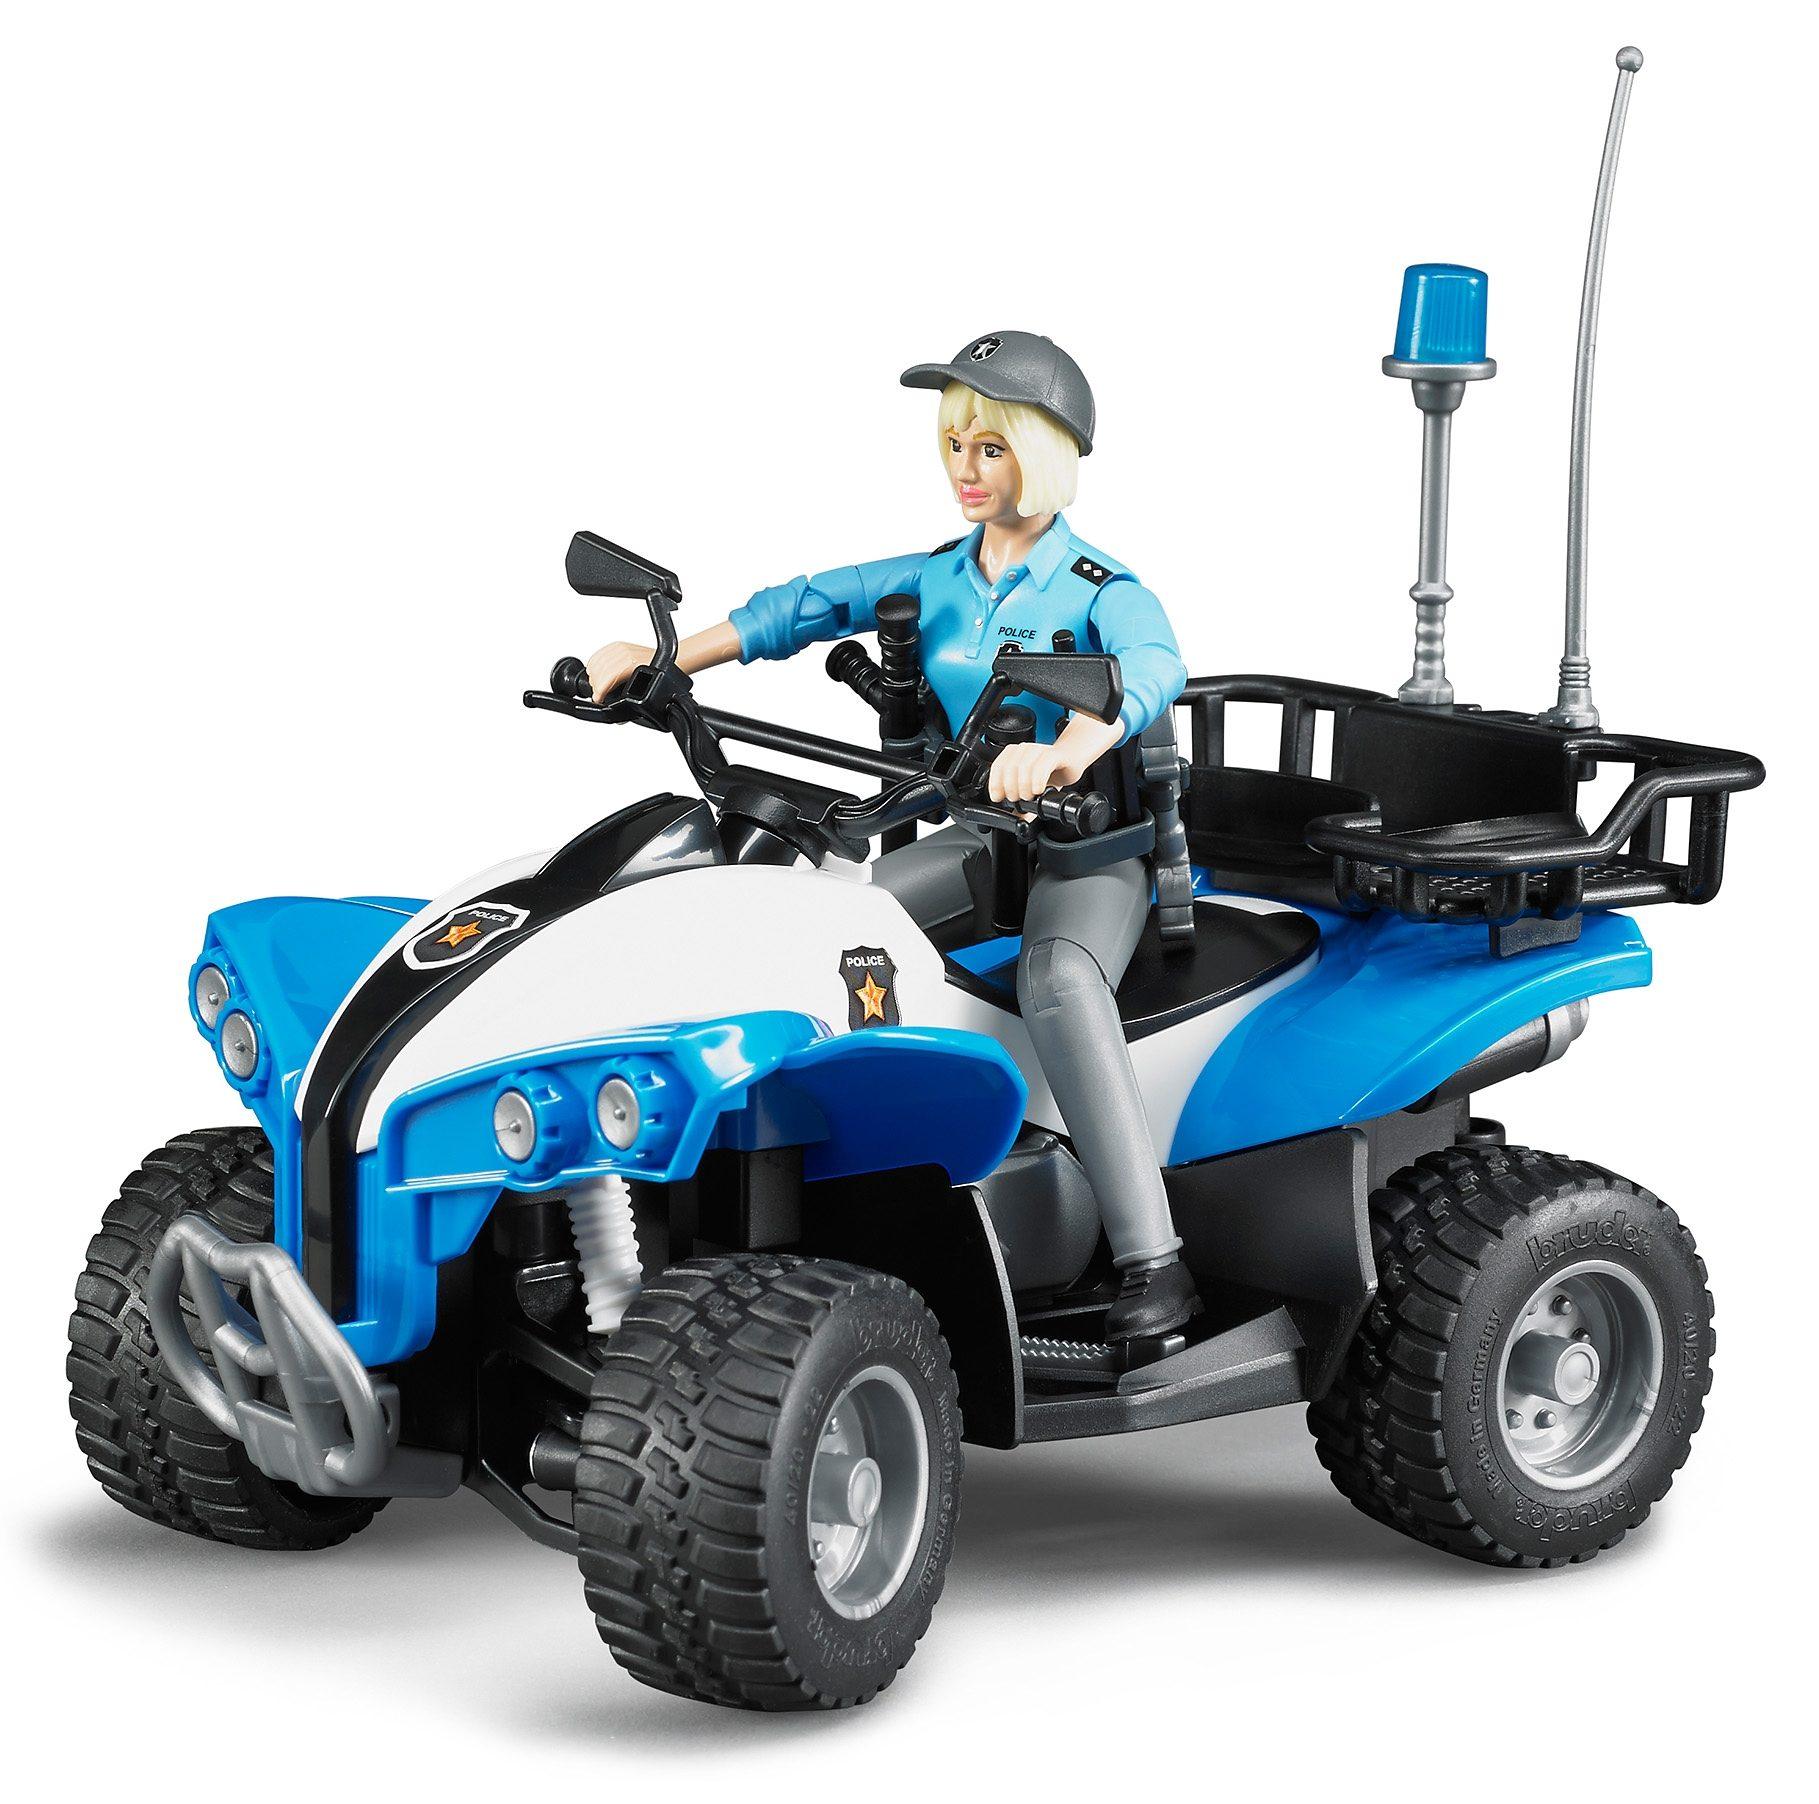 bruder® Polizei Quad mit Polizistin 63010, »bworld«